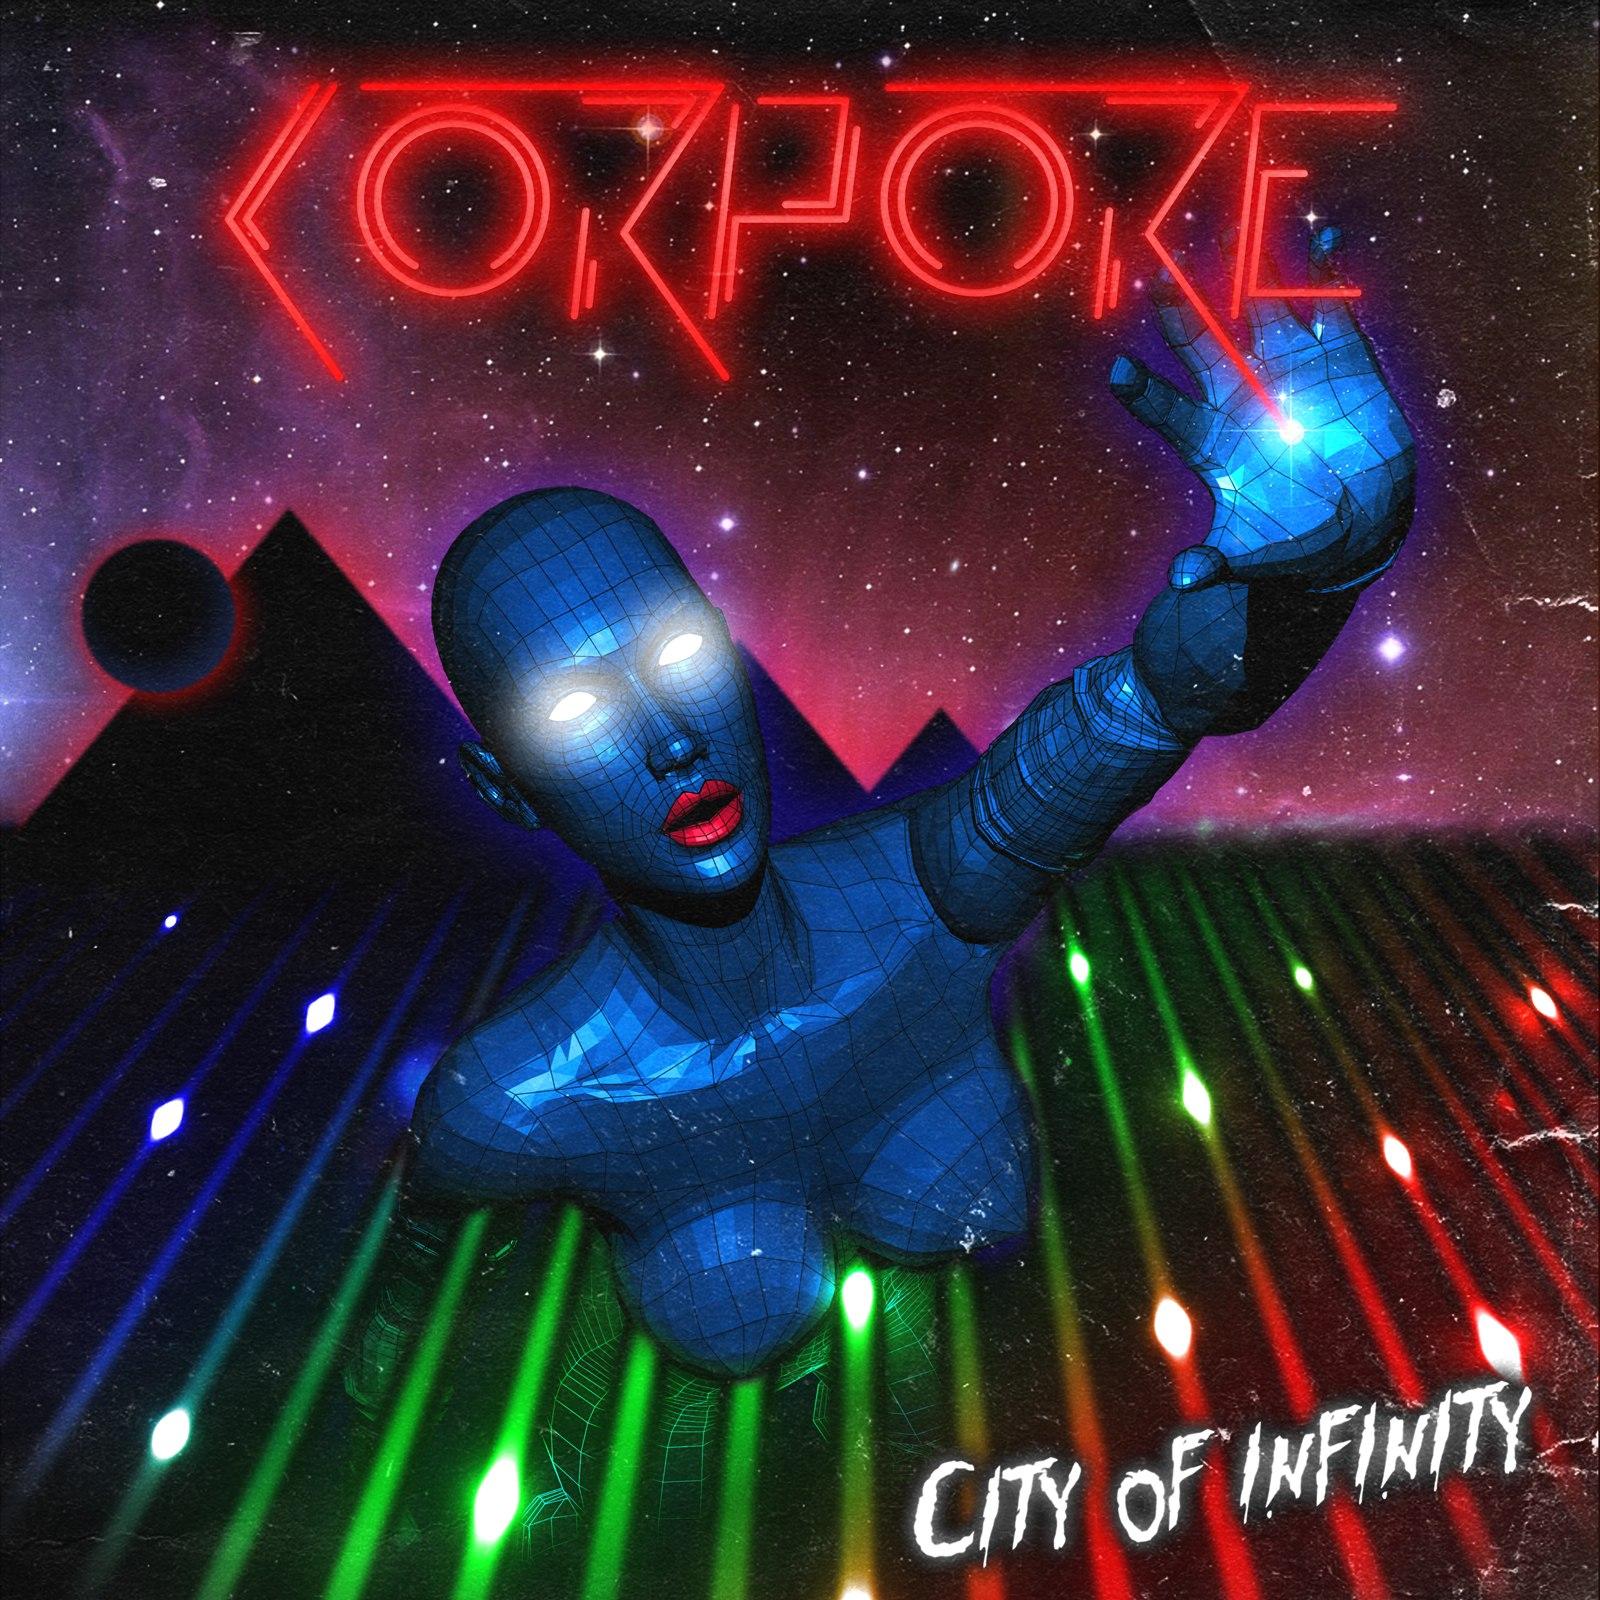 Corpore - City Of Infinity (2012)